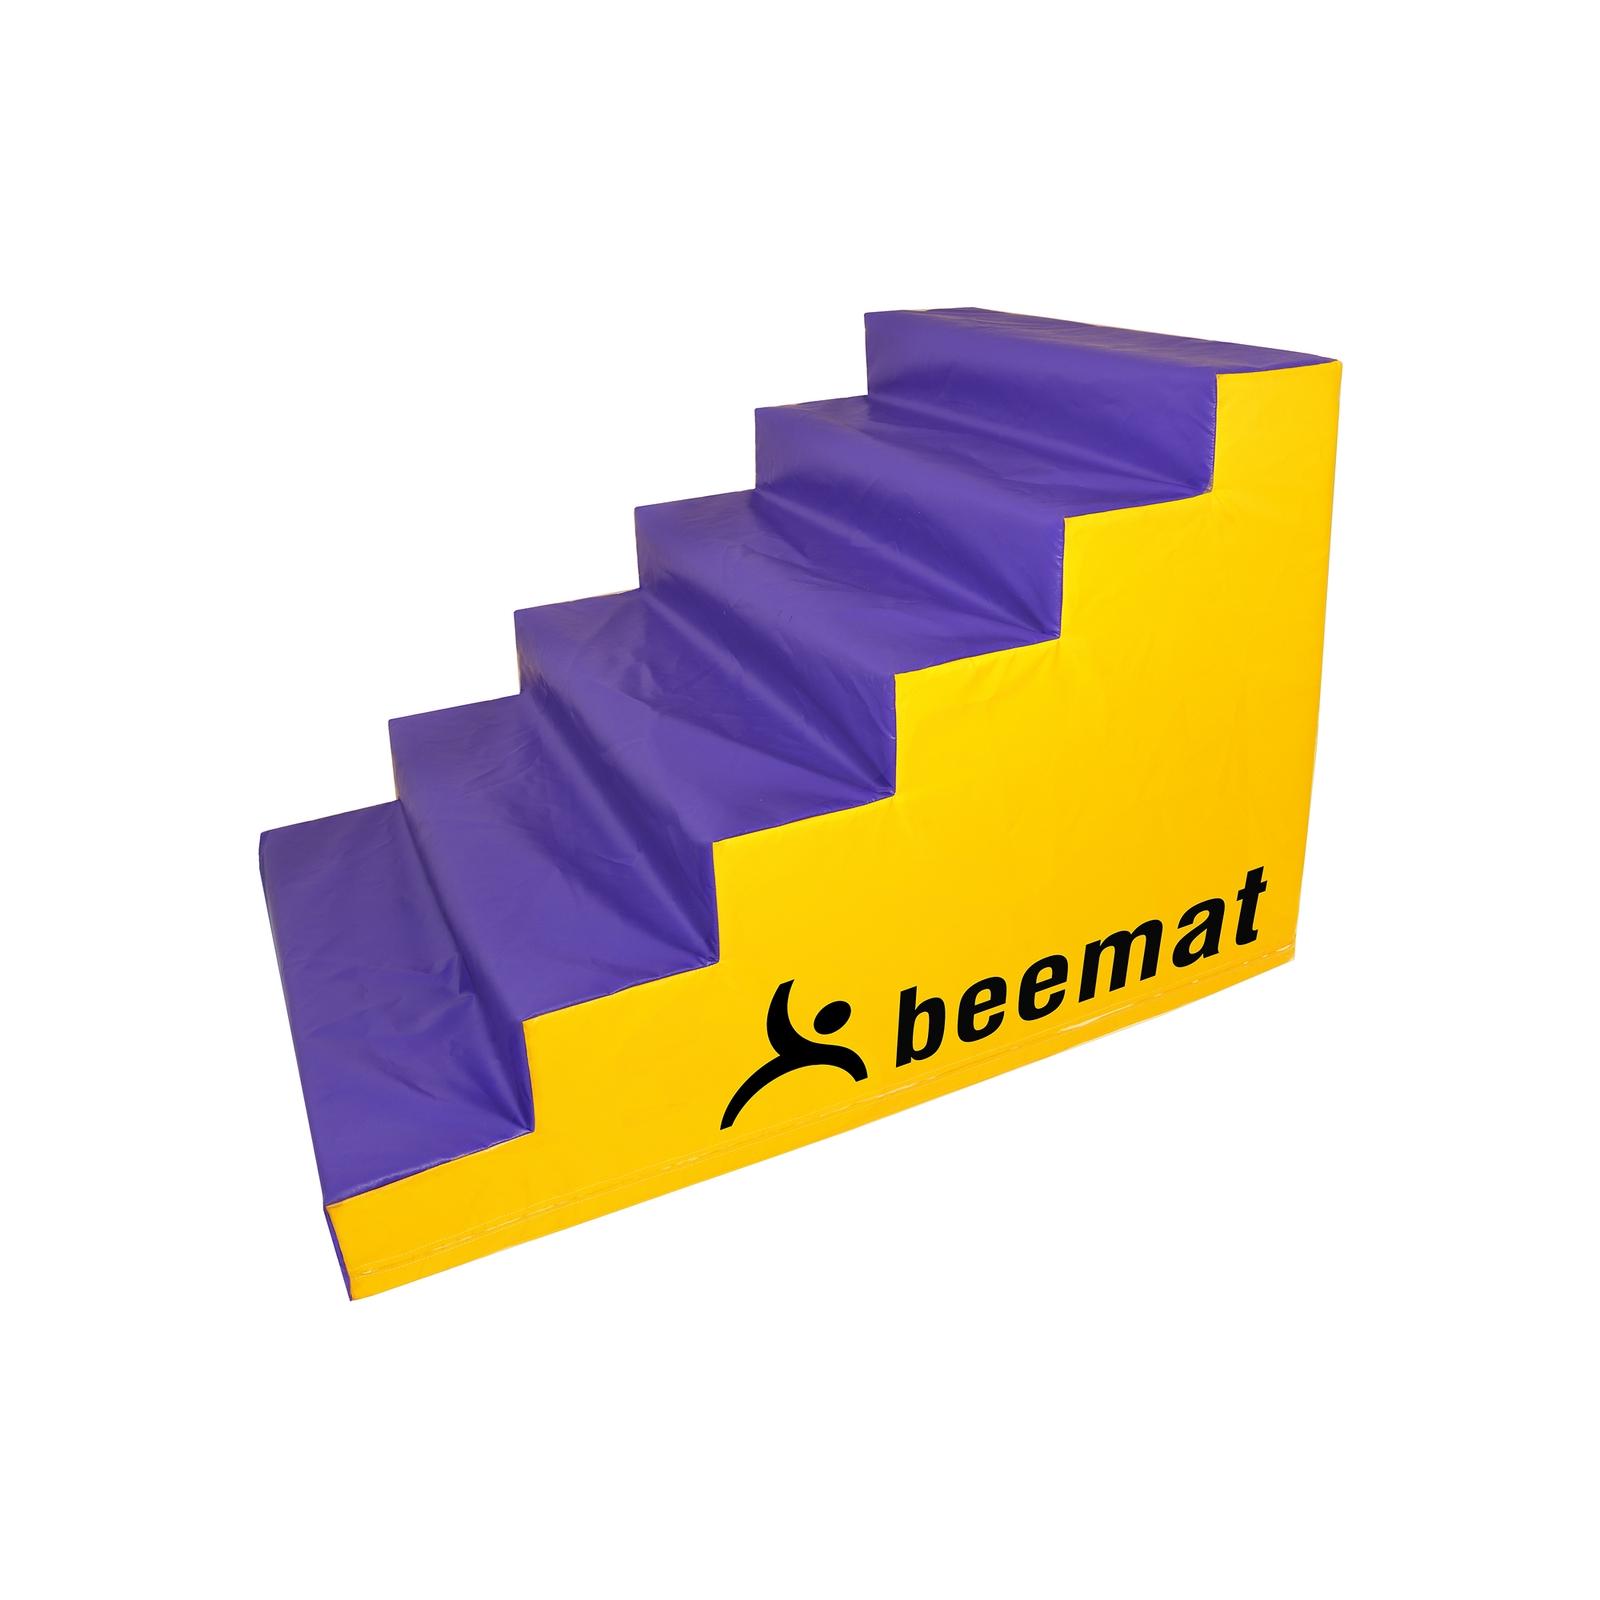 Beemat Trampoline Foam Steps